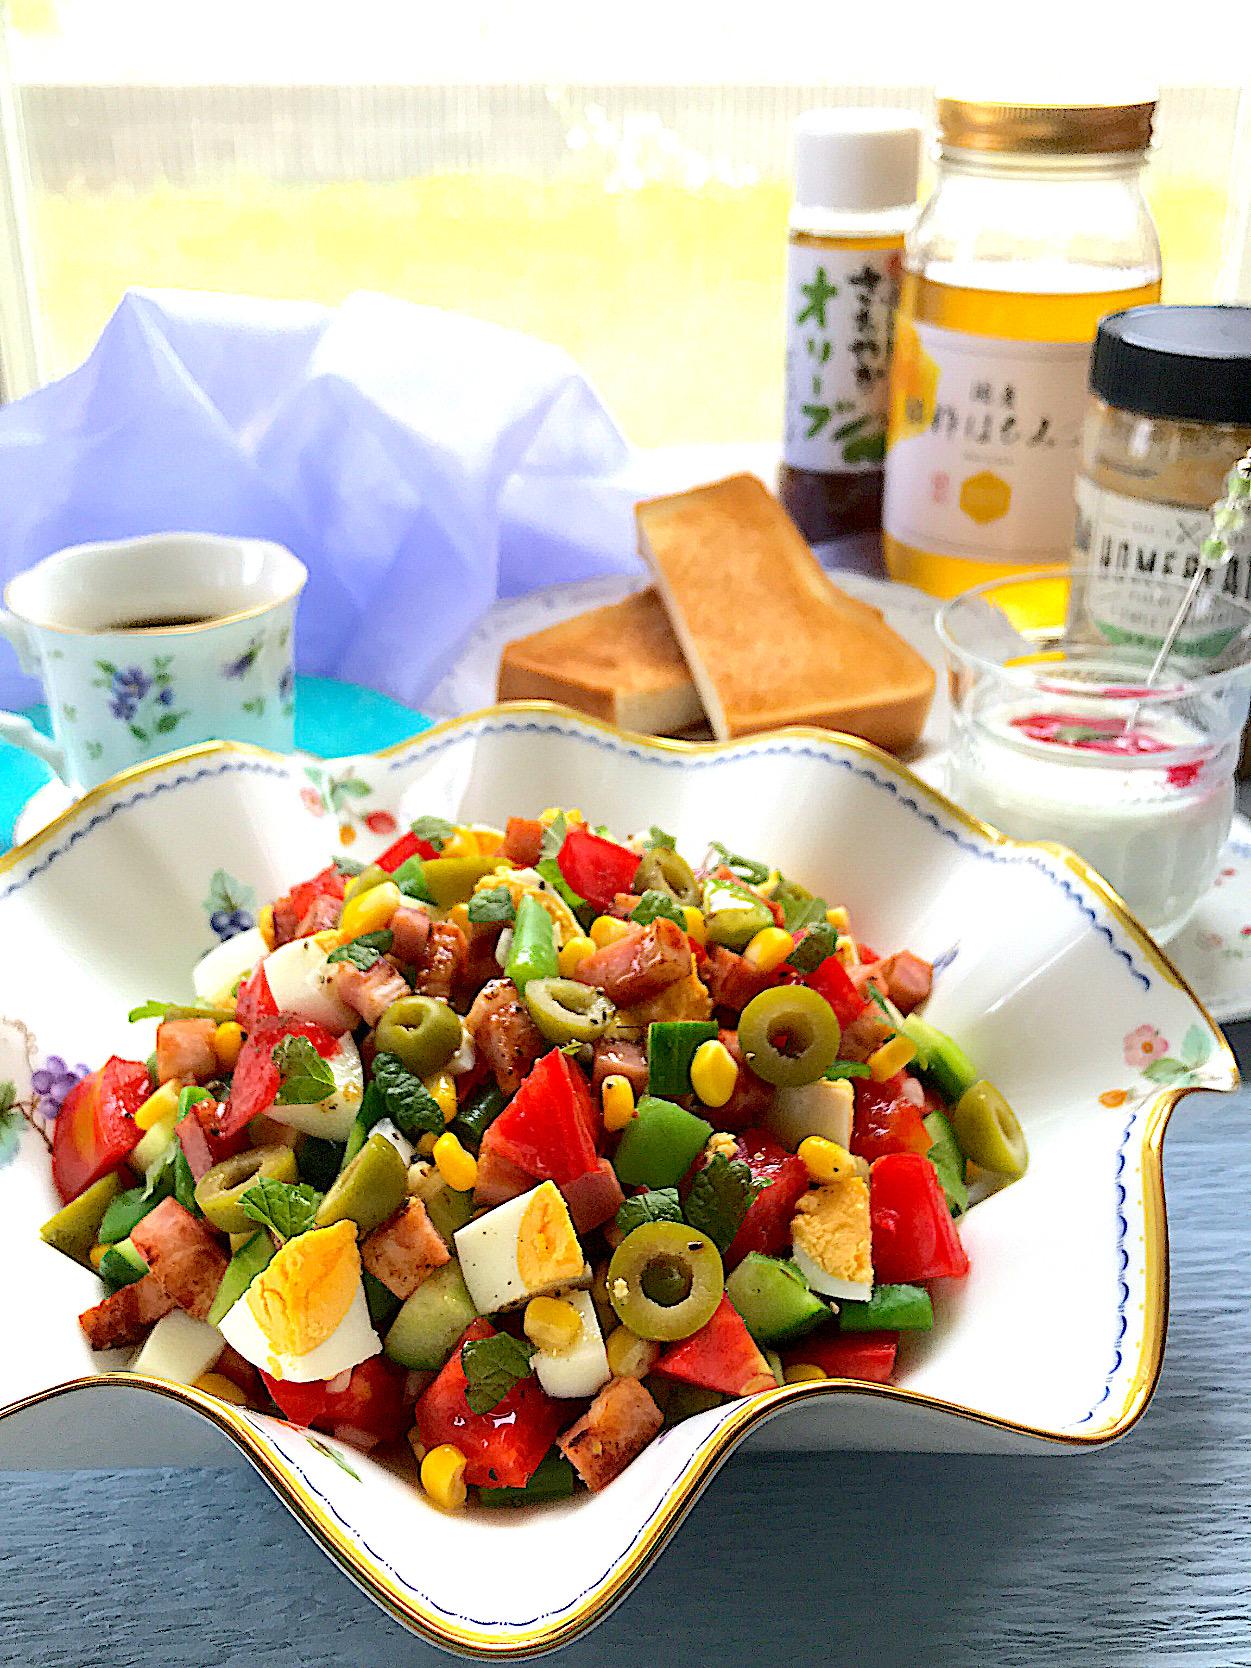 サラダ チョップド チョップドサラダ専門店「クリスプ・サラダワークス」、4号店を代官山にオープン